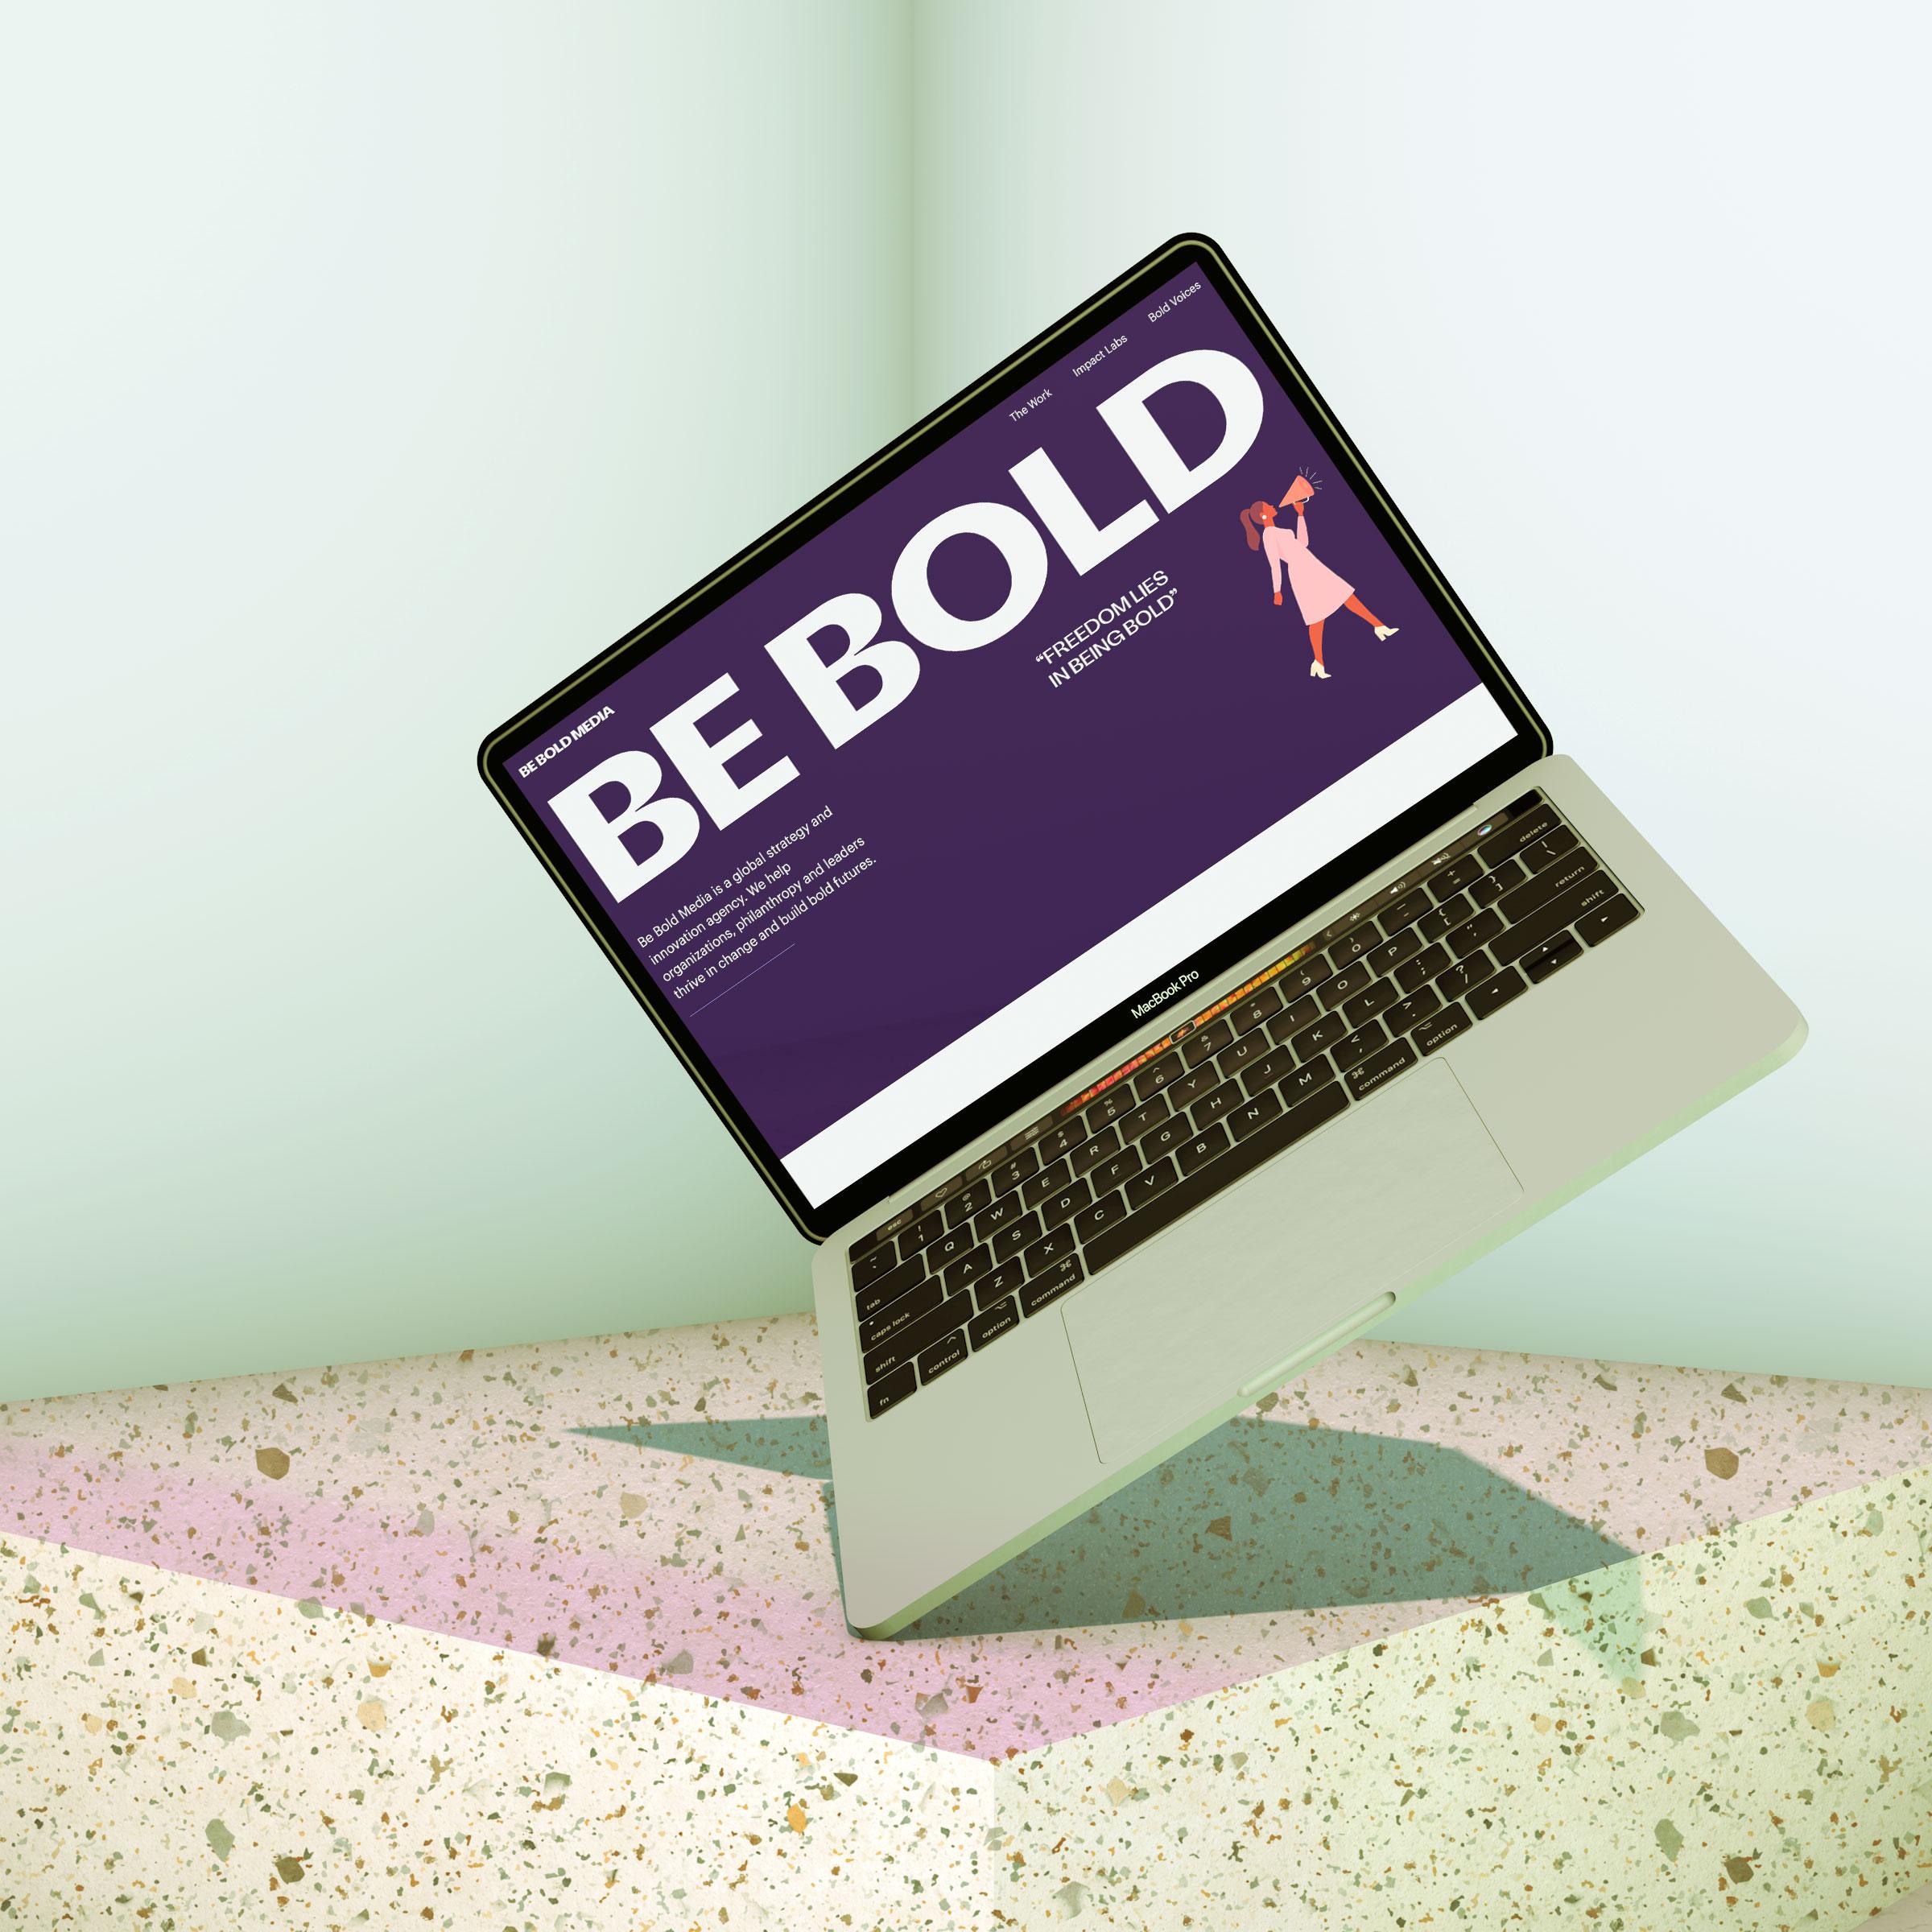 Be Bold Media